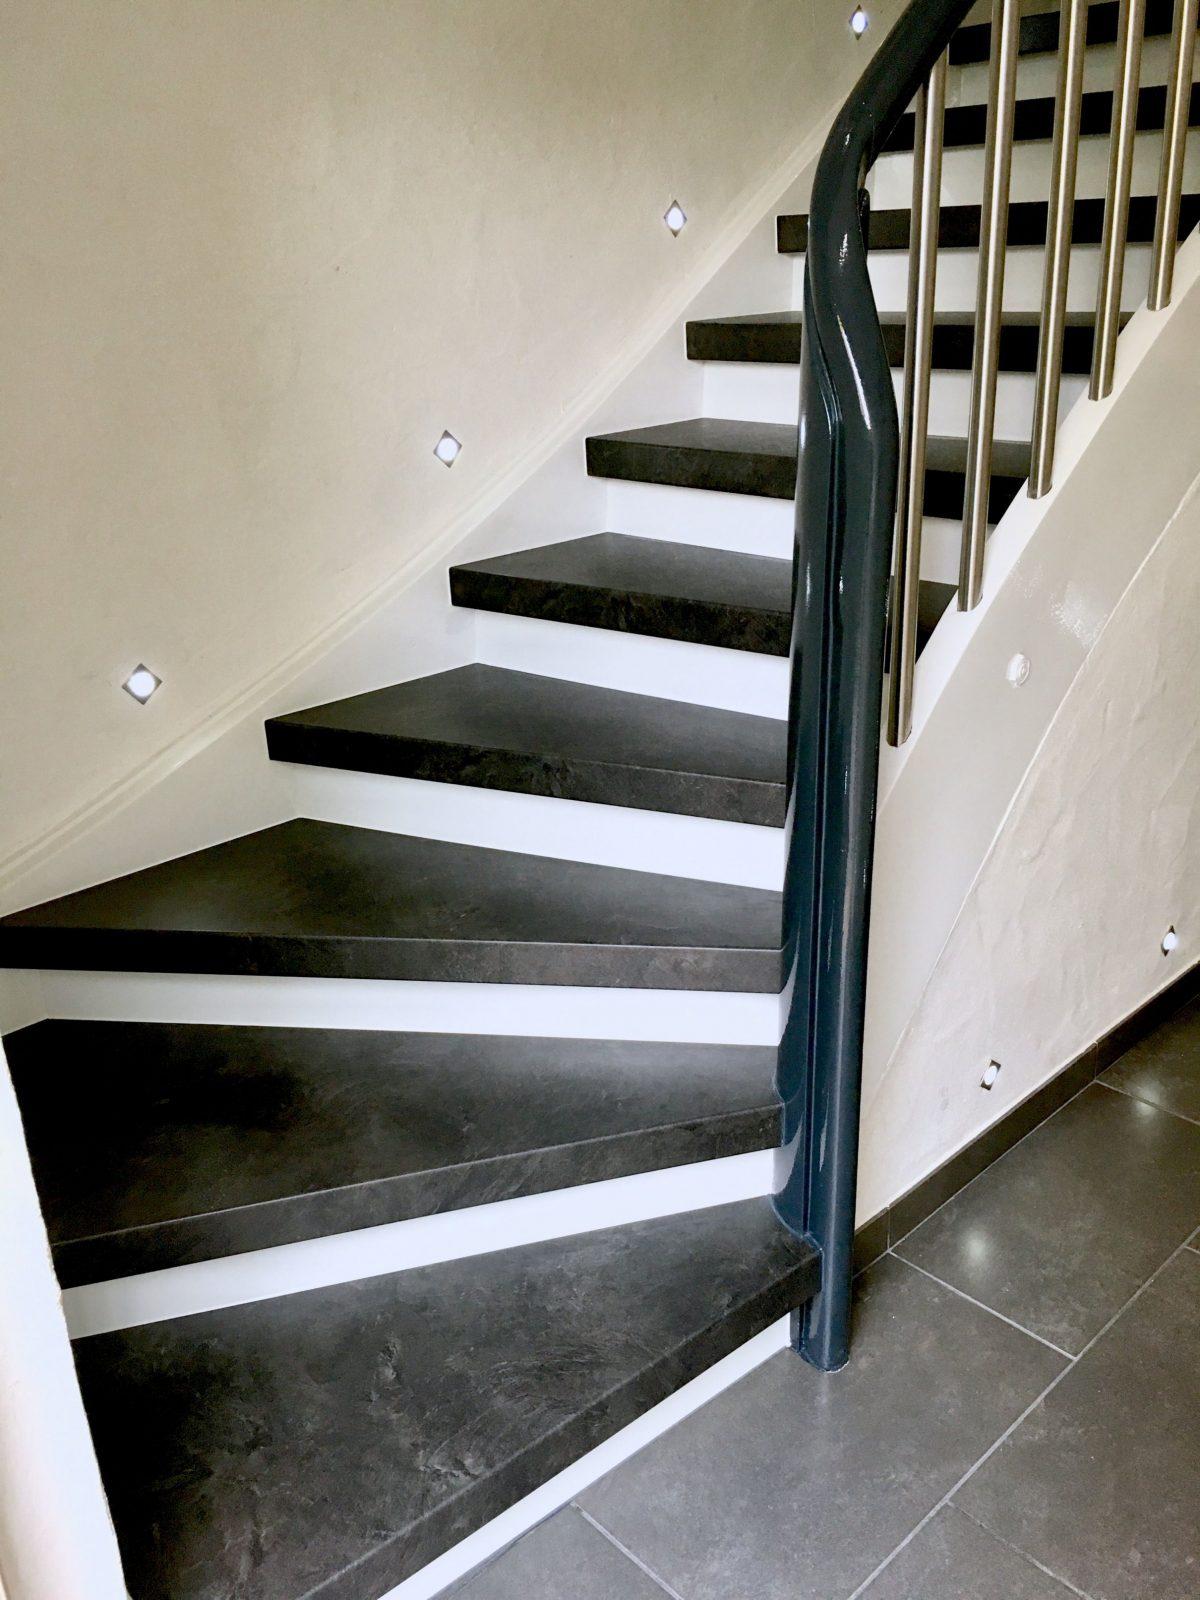 Alte Treppe Wieder Neu  Alte Treppe Neu Gestalten In 2019  Treppe von Altes Treppenhaus Neu Gestalten Bild